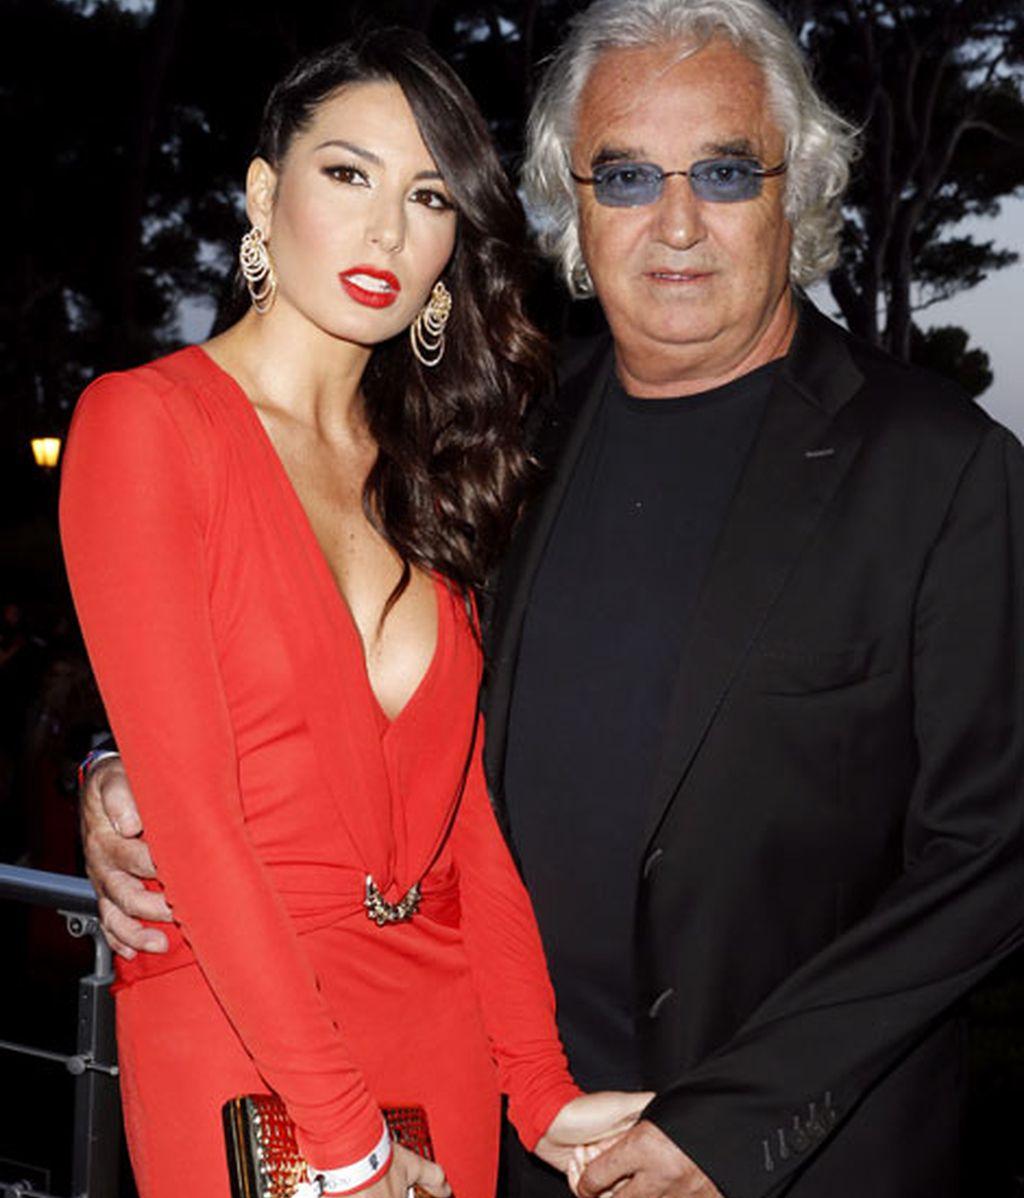 La modelo Elisabetta Gregoraci y  Flavio Briatore